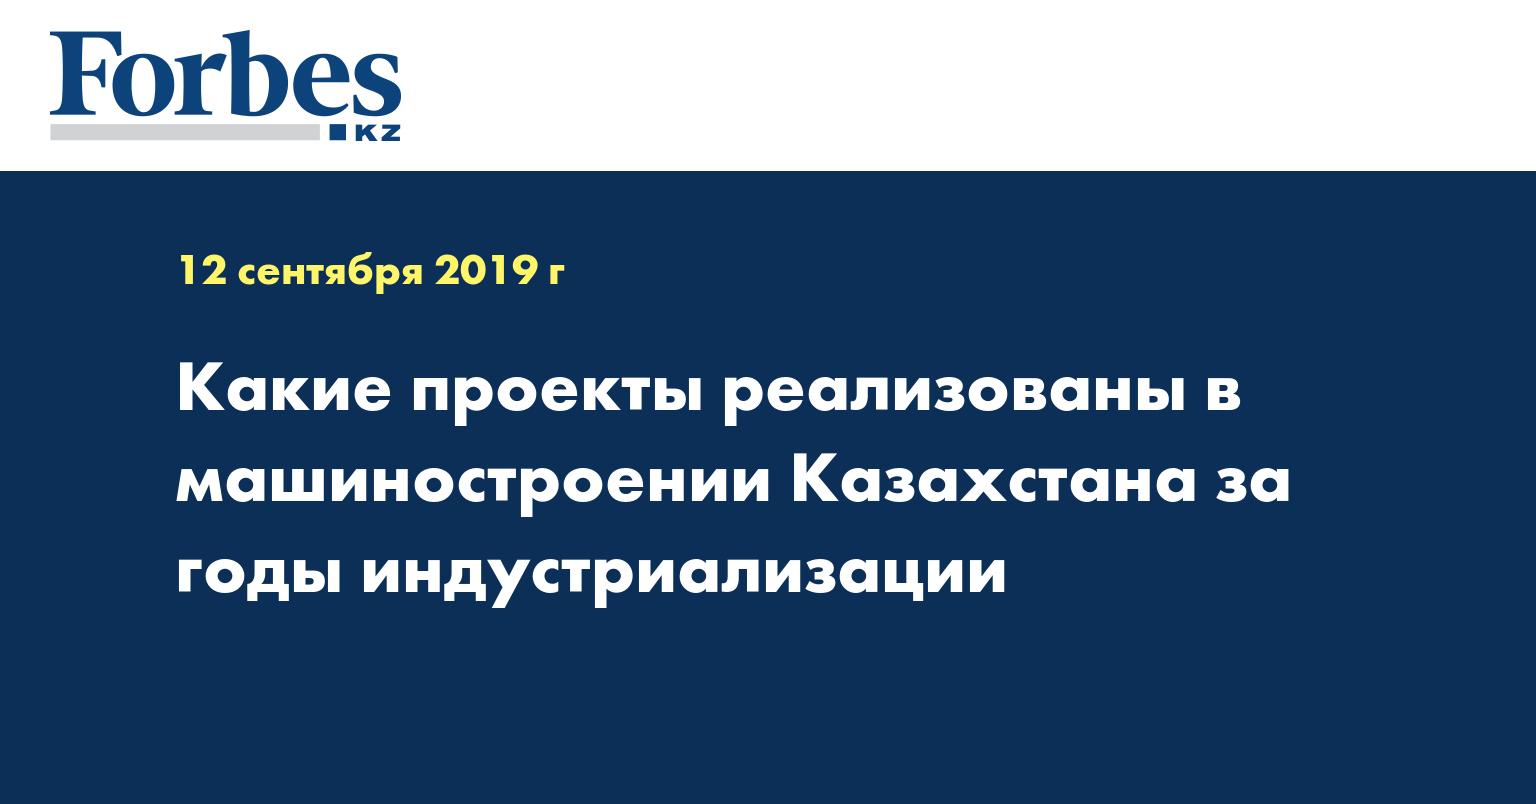 Какие проекты реализованы в машиностроении Казахстана за годы индустриализации